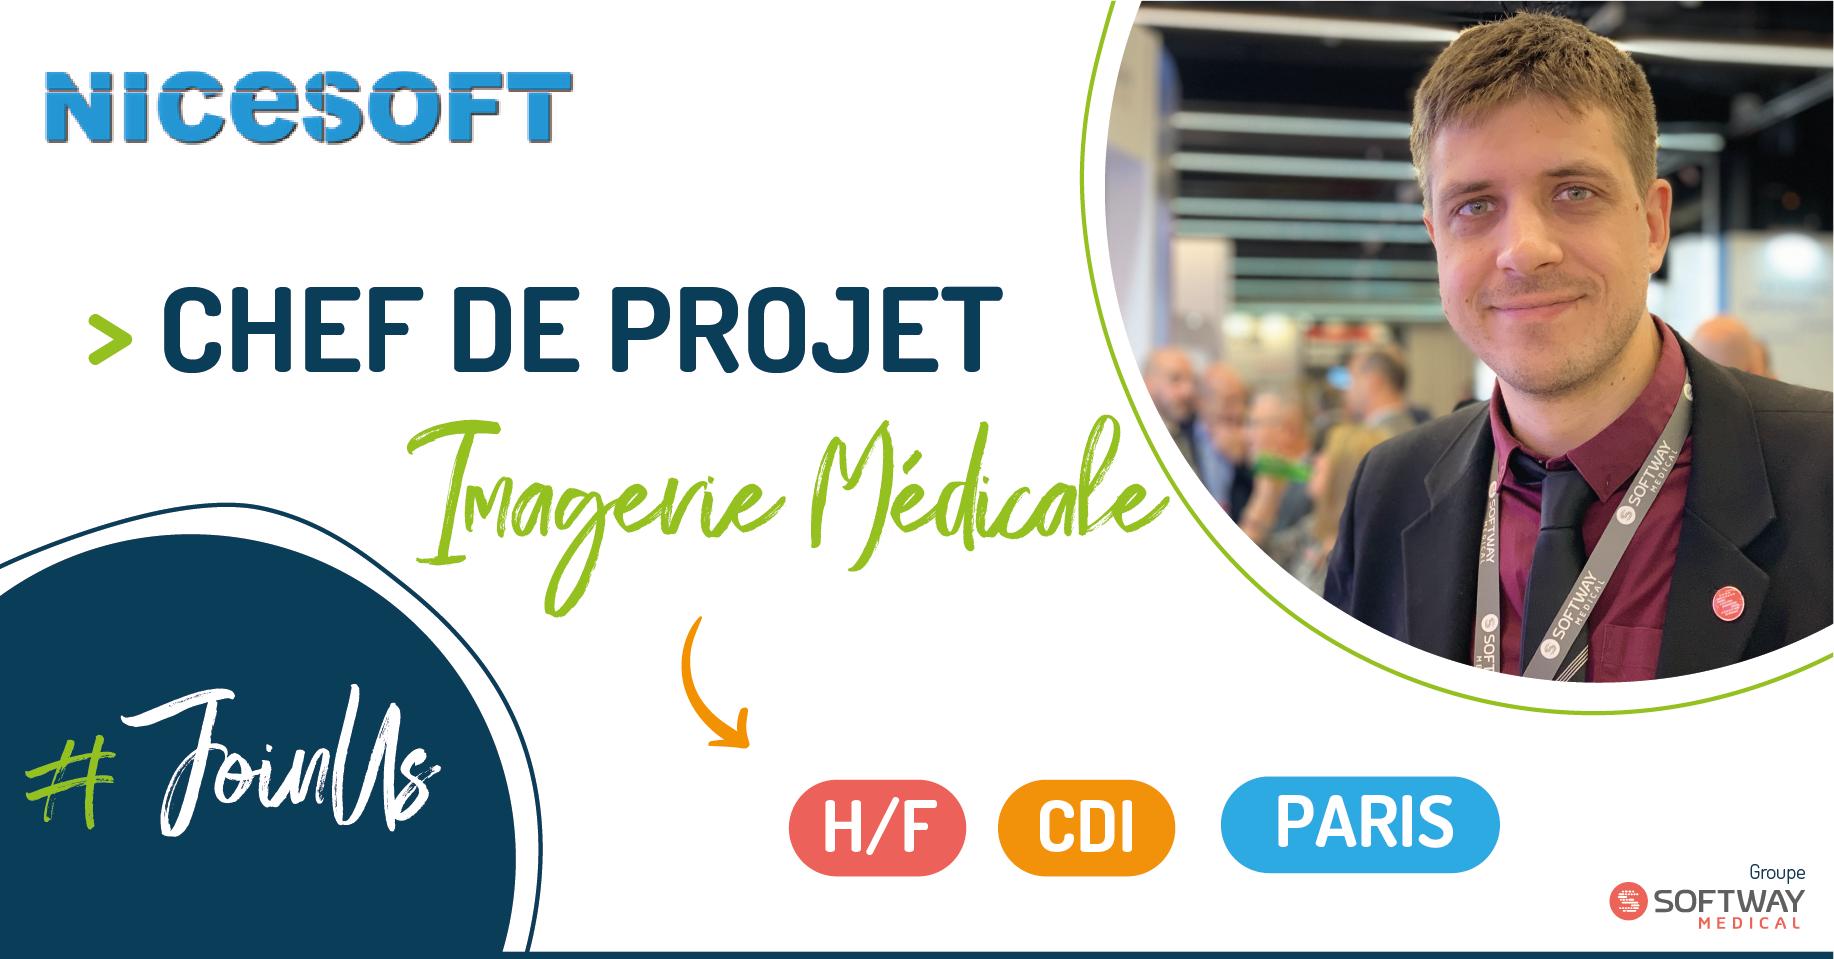 CHEF DE PROJET IMAGERIE MEDICALE – H/F – PARIS